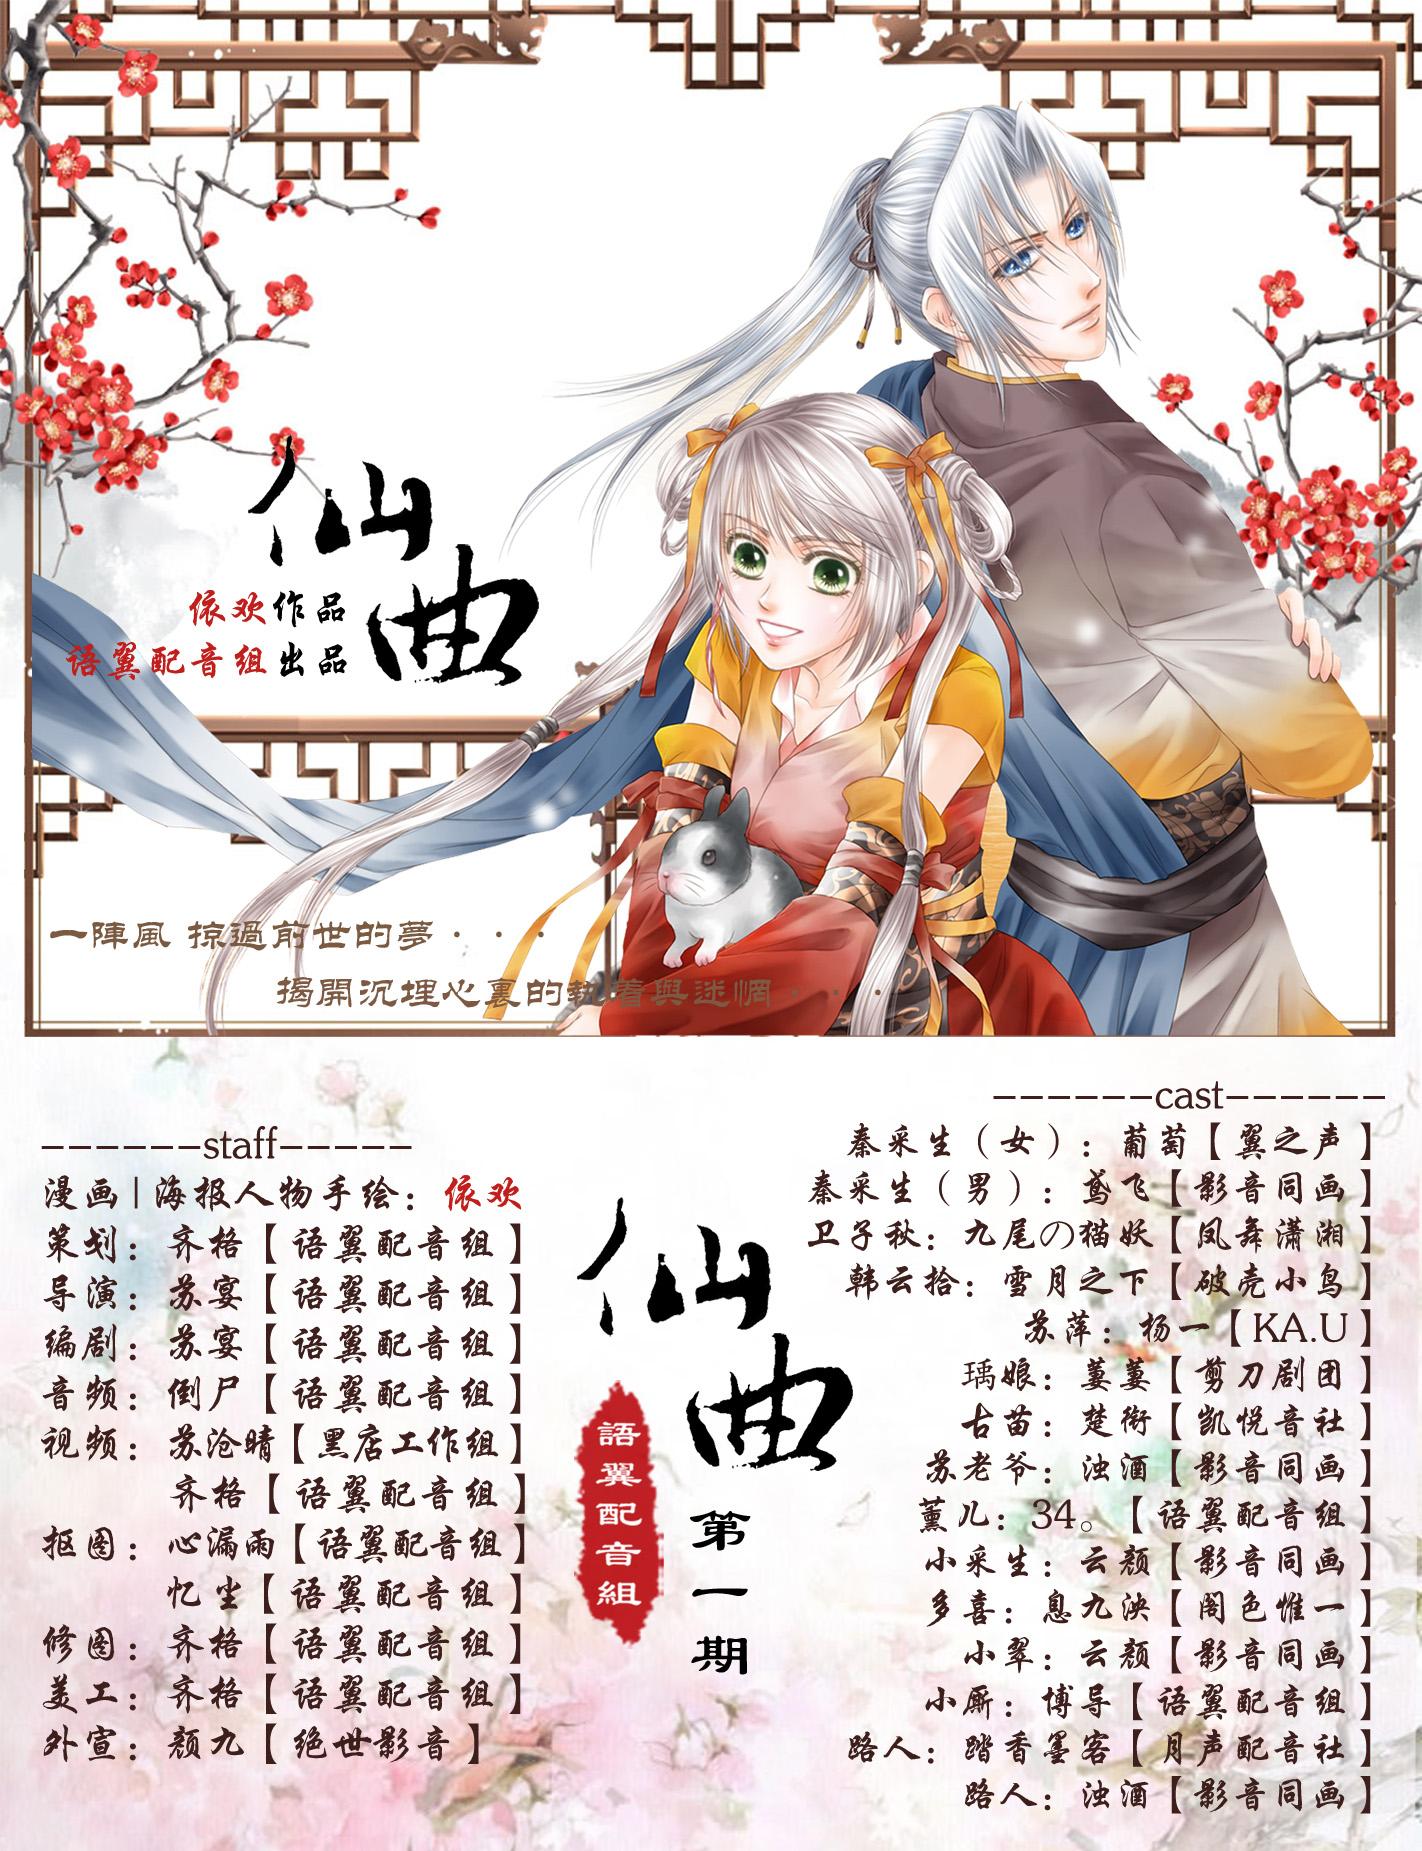 仙曲 第一期海报